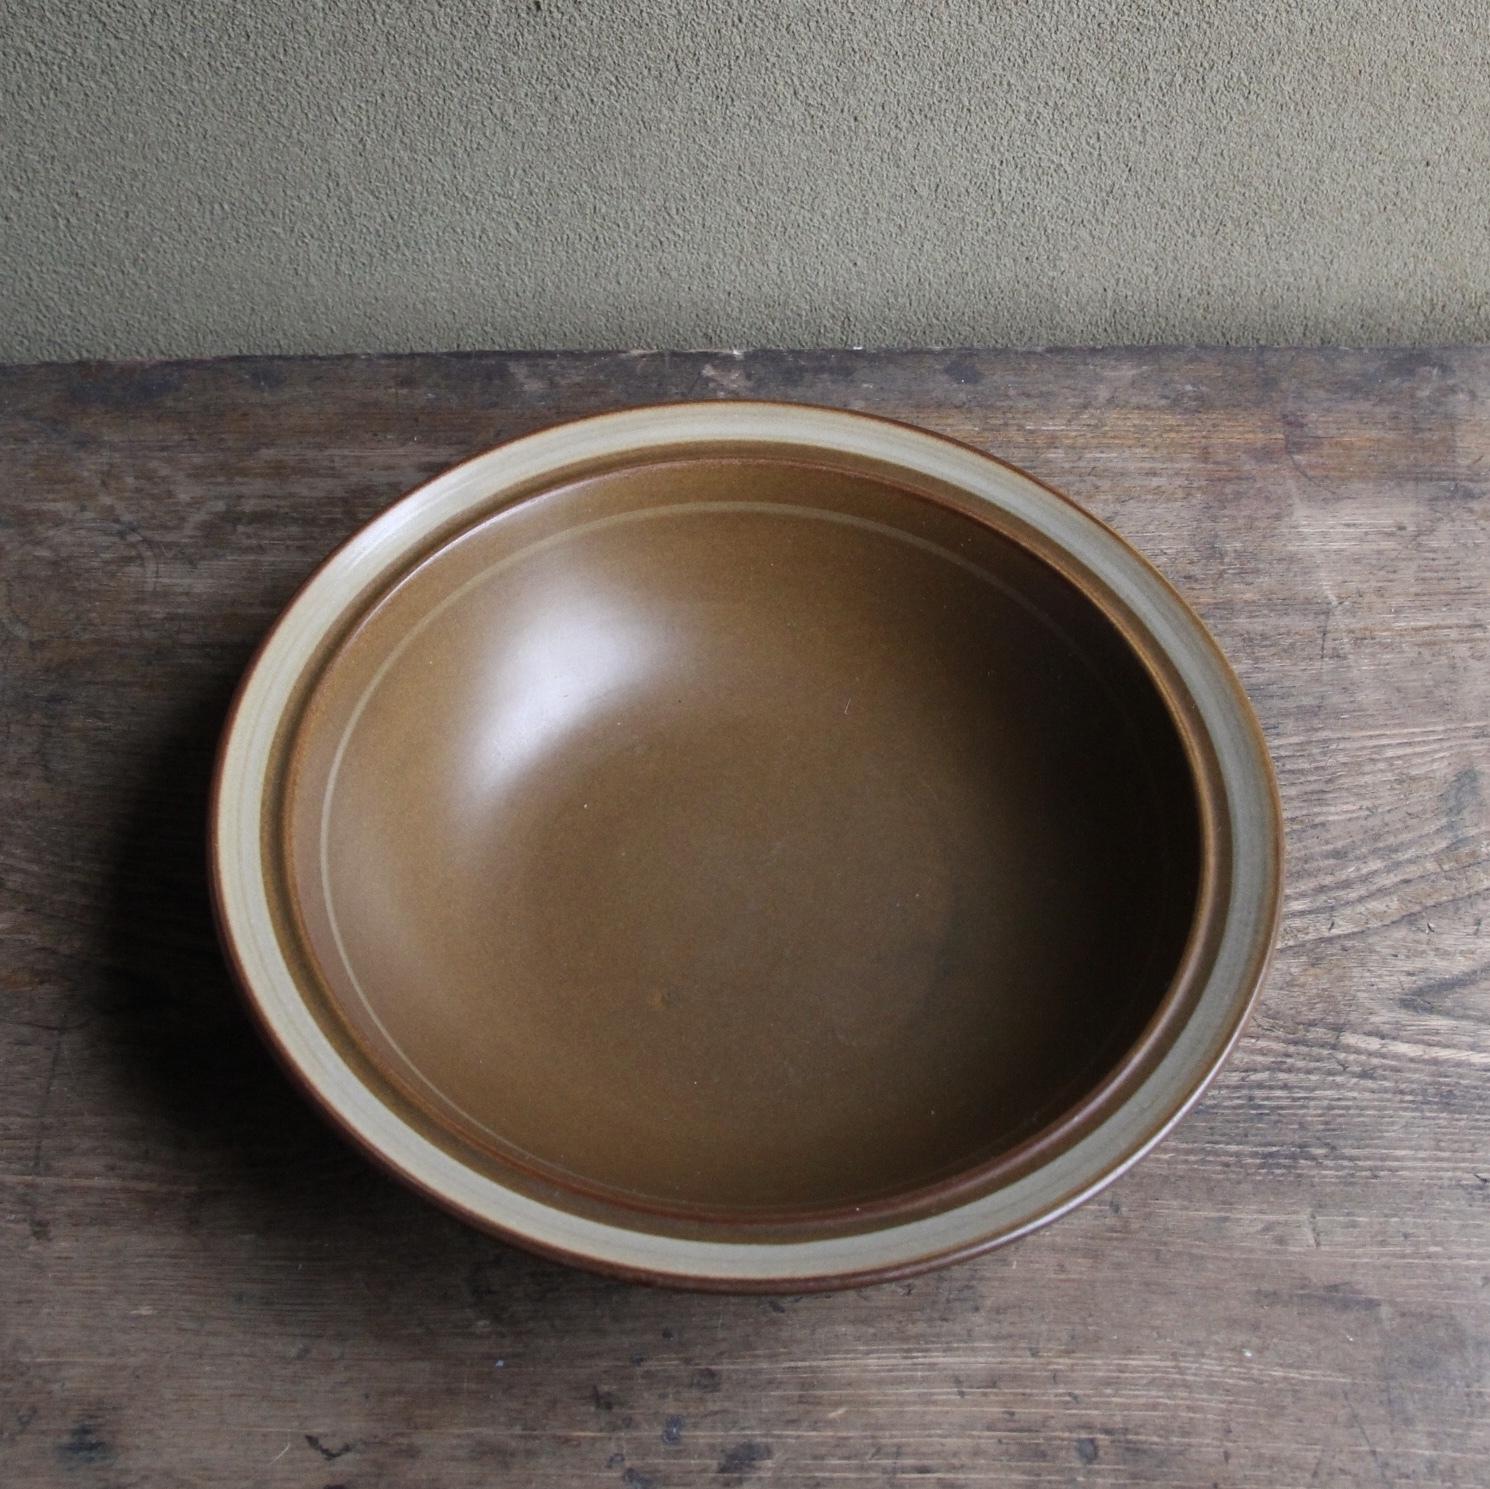 マロン色のストーンウェア ボウル皿